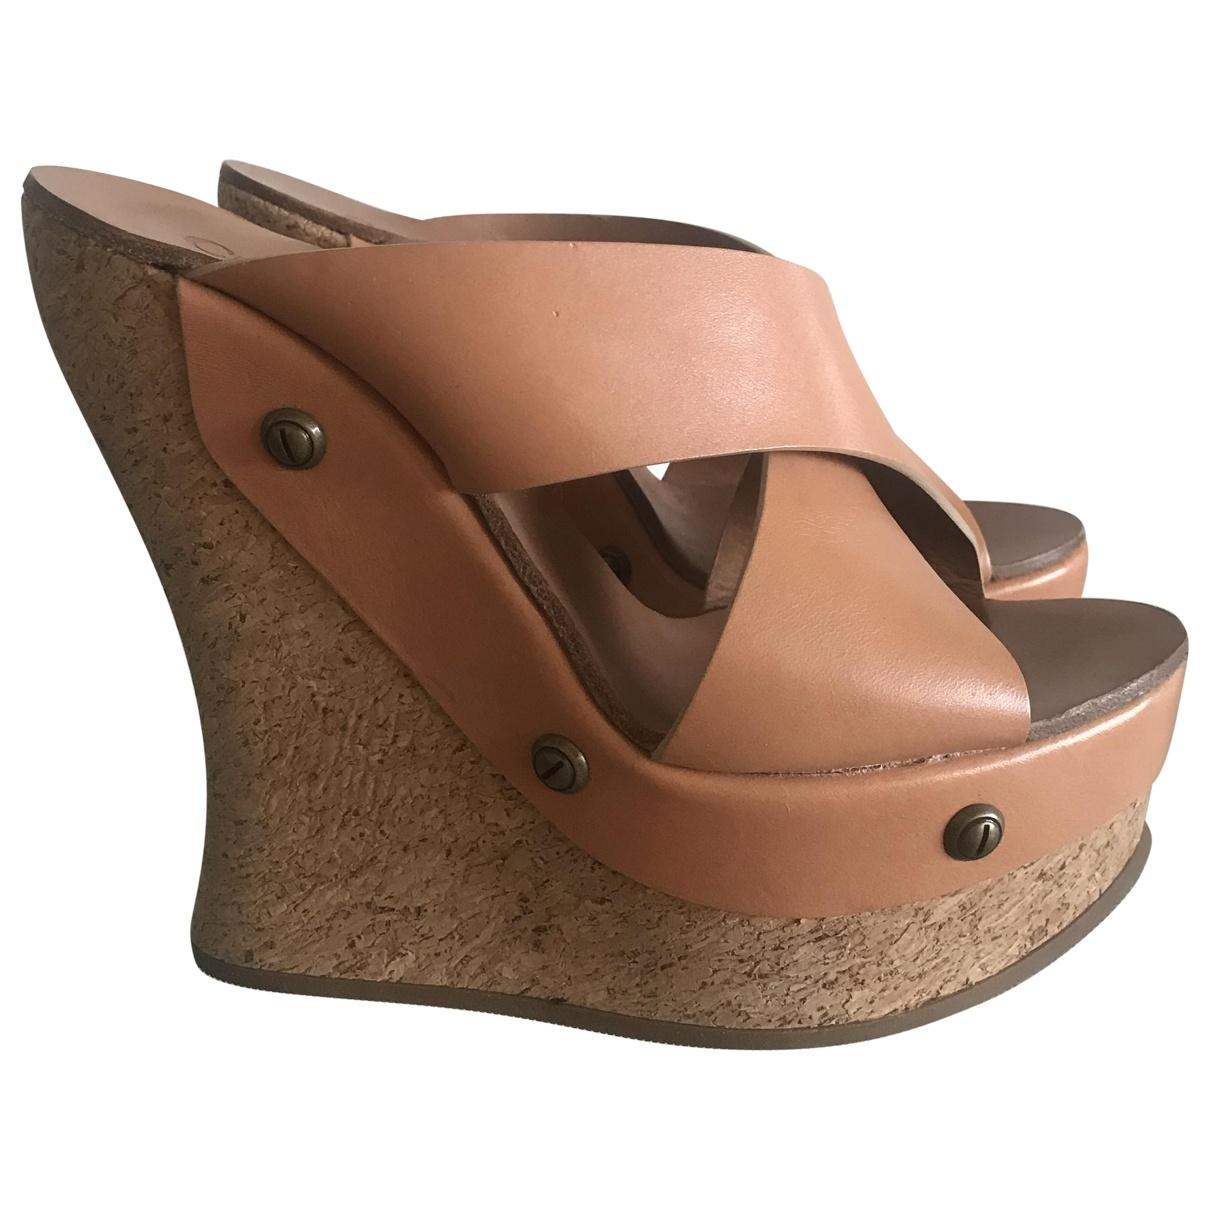 Chloe - Sabots   pour femme en cuir - camel